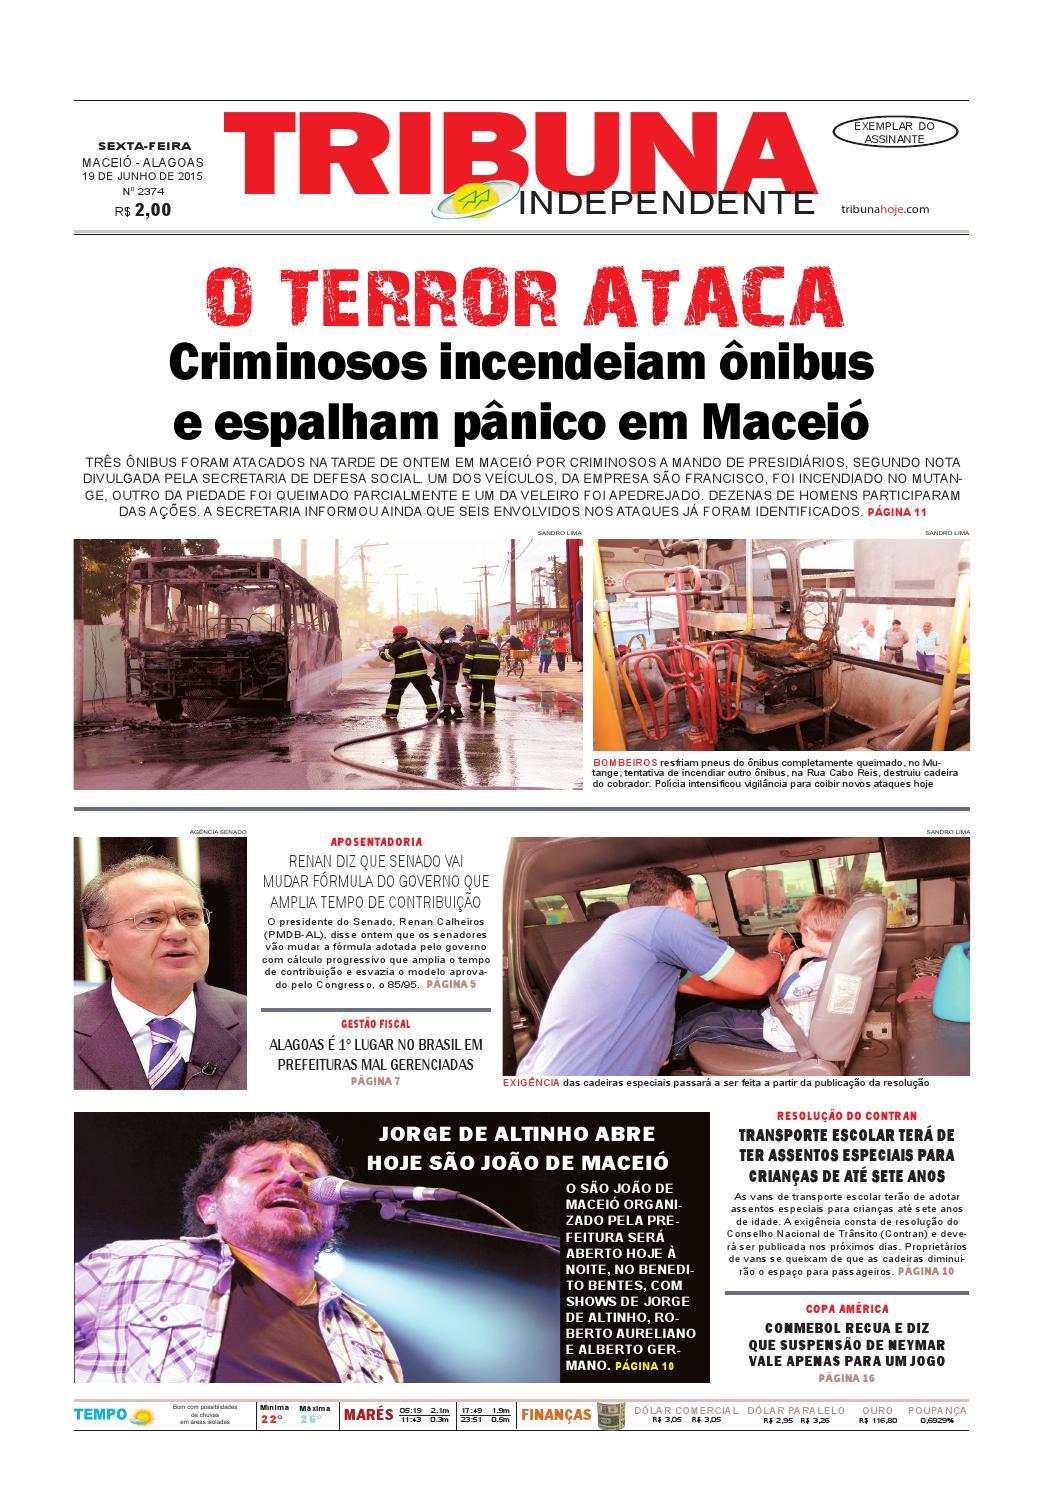 ab29993cc9aeb Edição número 2374 - 19 de junho de 2015 by Tribuna Hoje - issuu